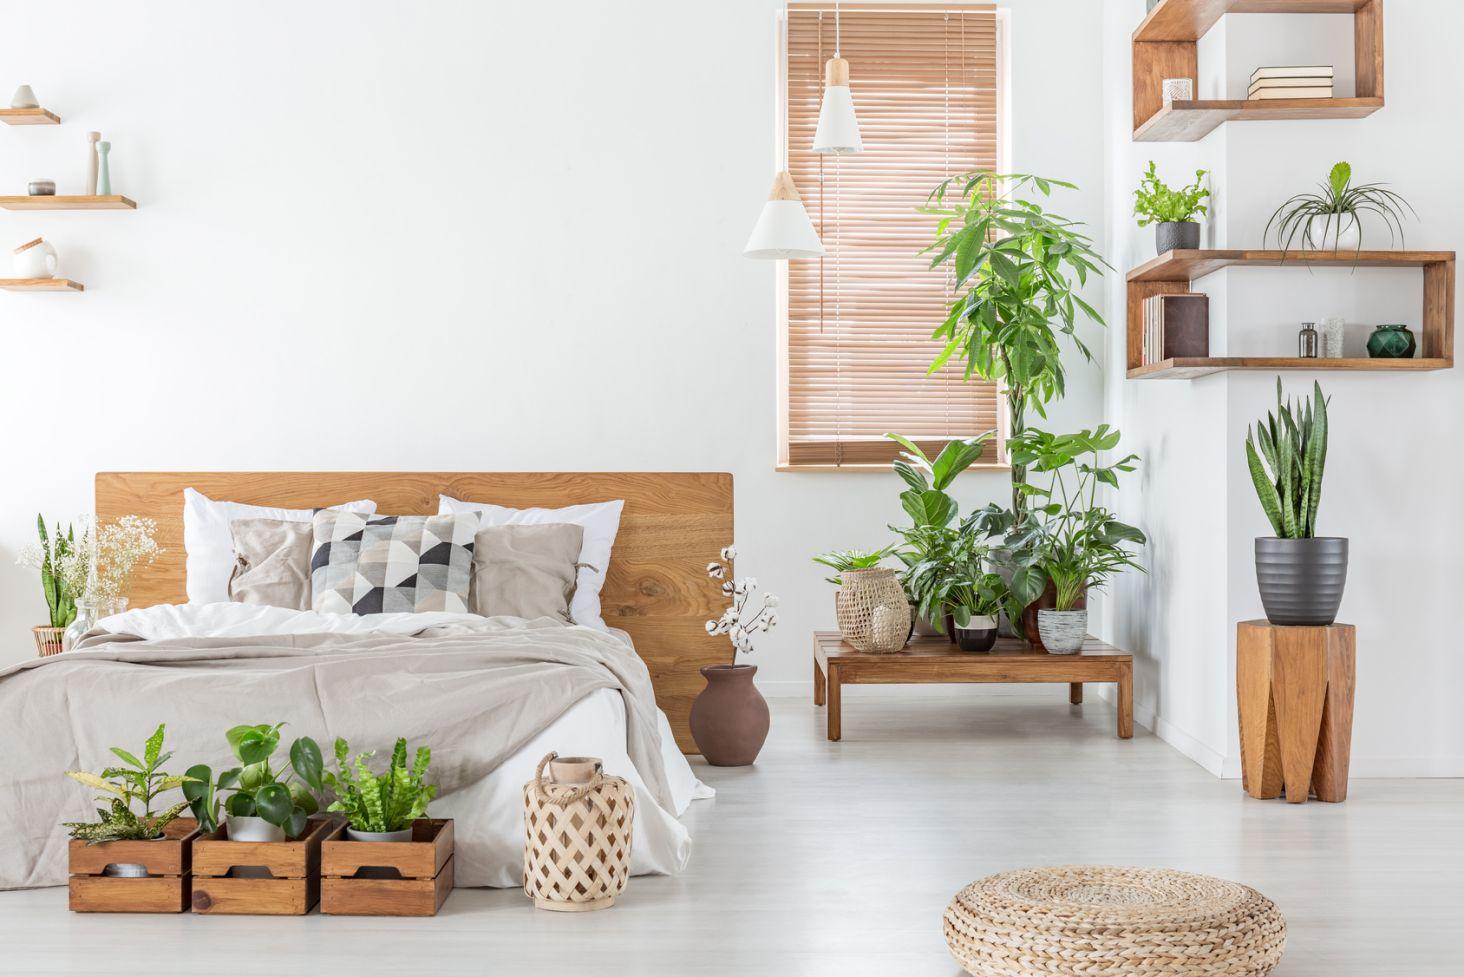 Zagłówek łóżka Jak Wybrać 5 Inspirujących Pomysłów